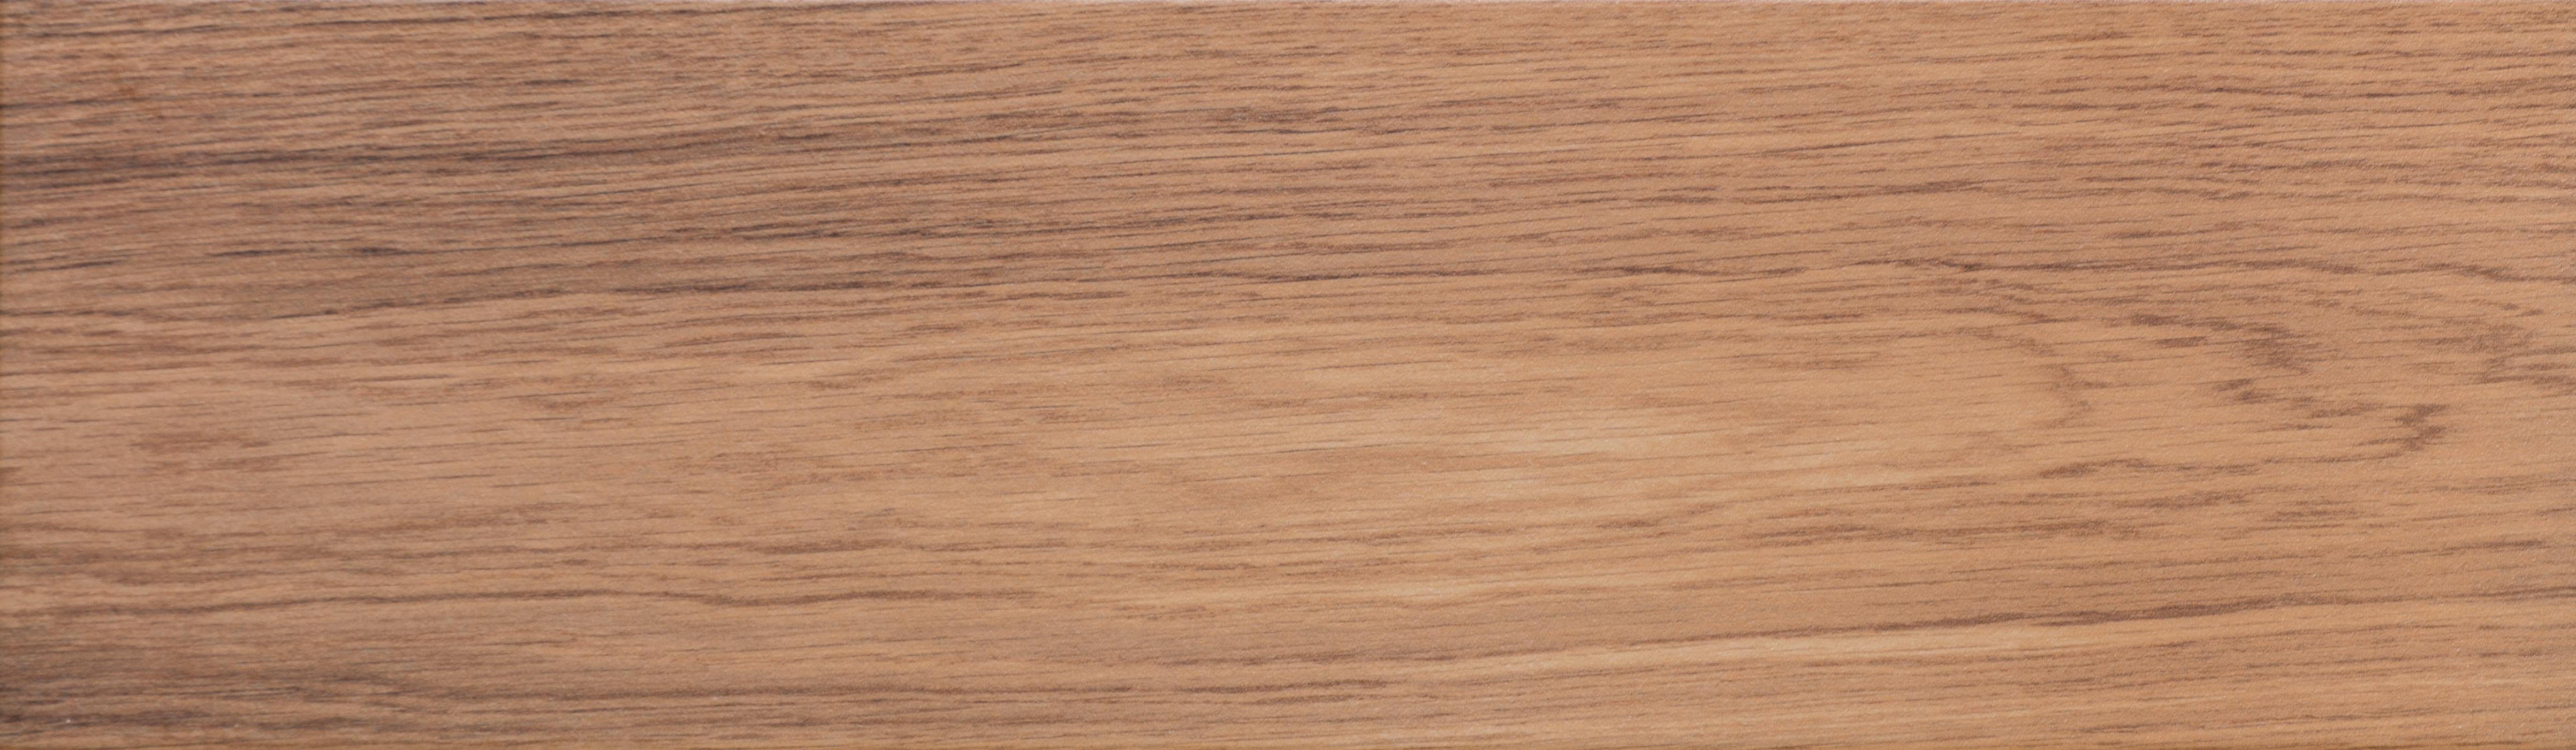 Setim honey 5212 17,5x60 - Hansas Plaadimaailm